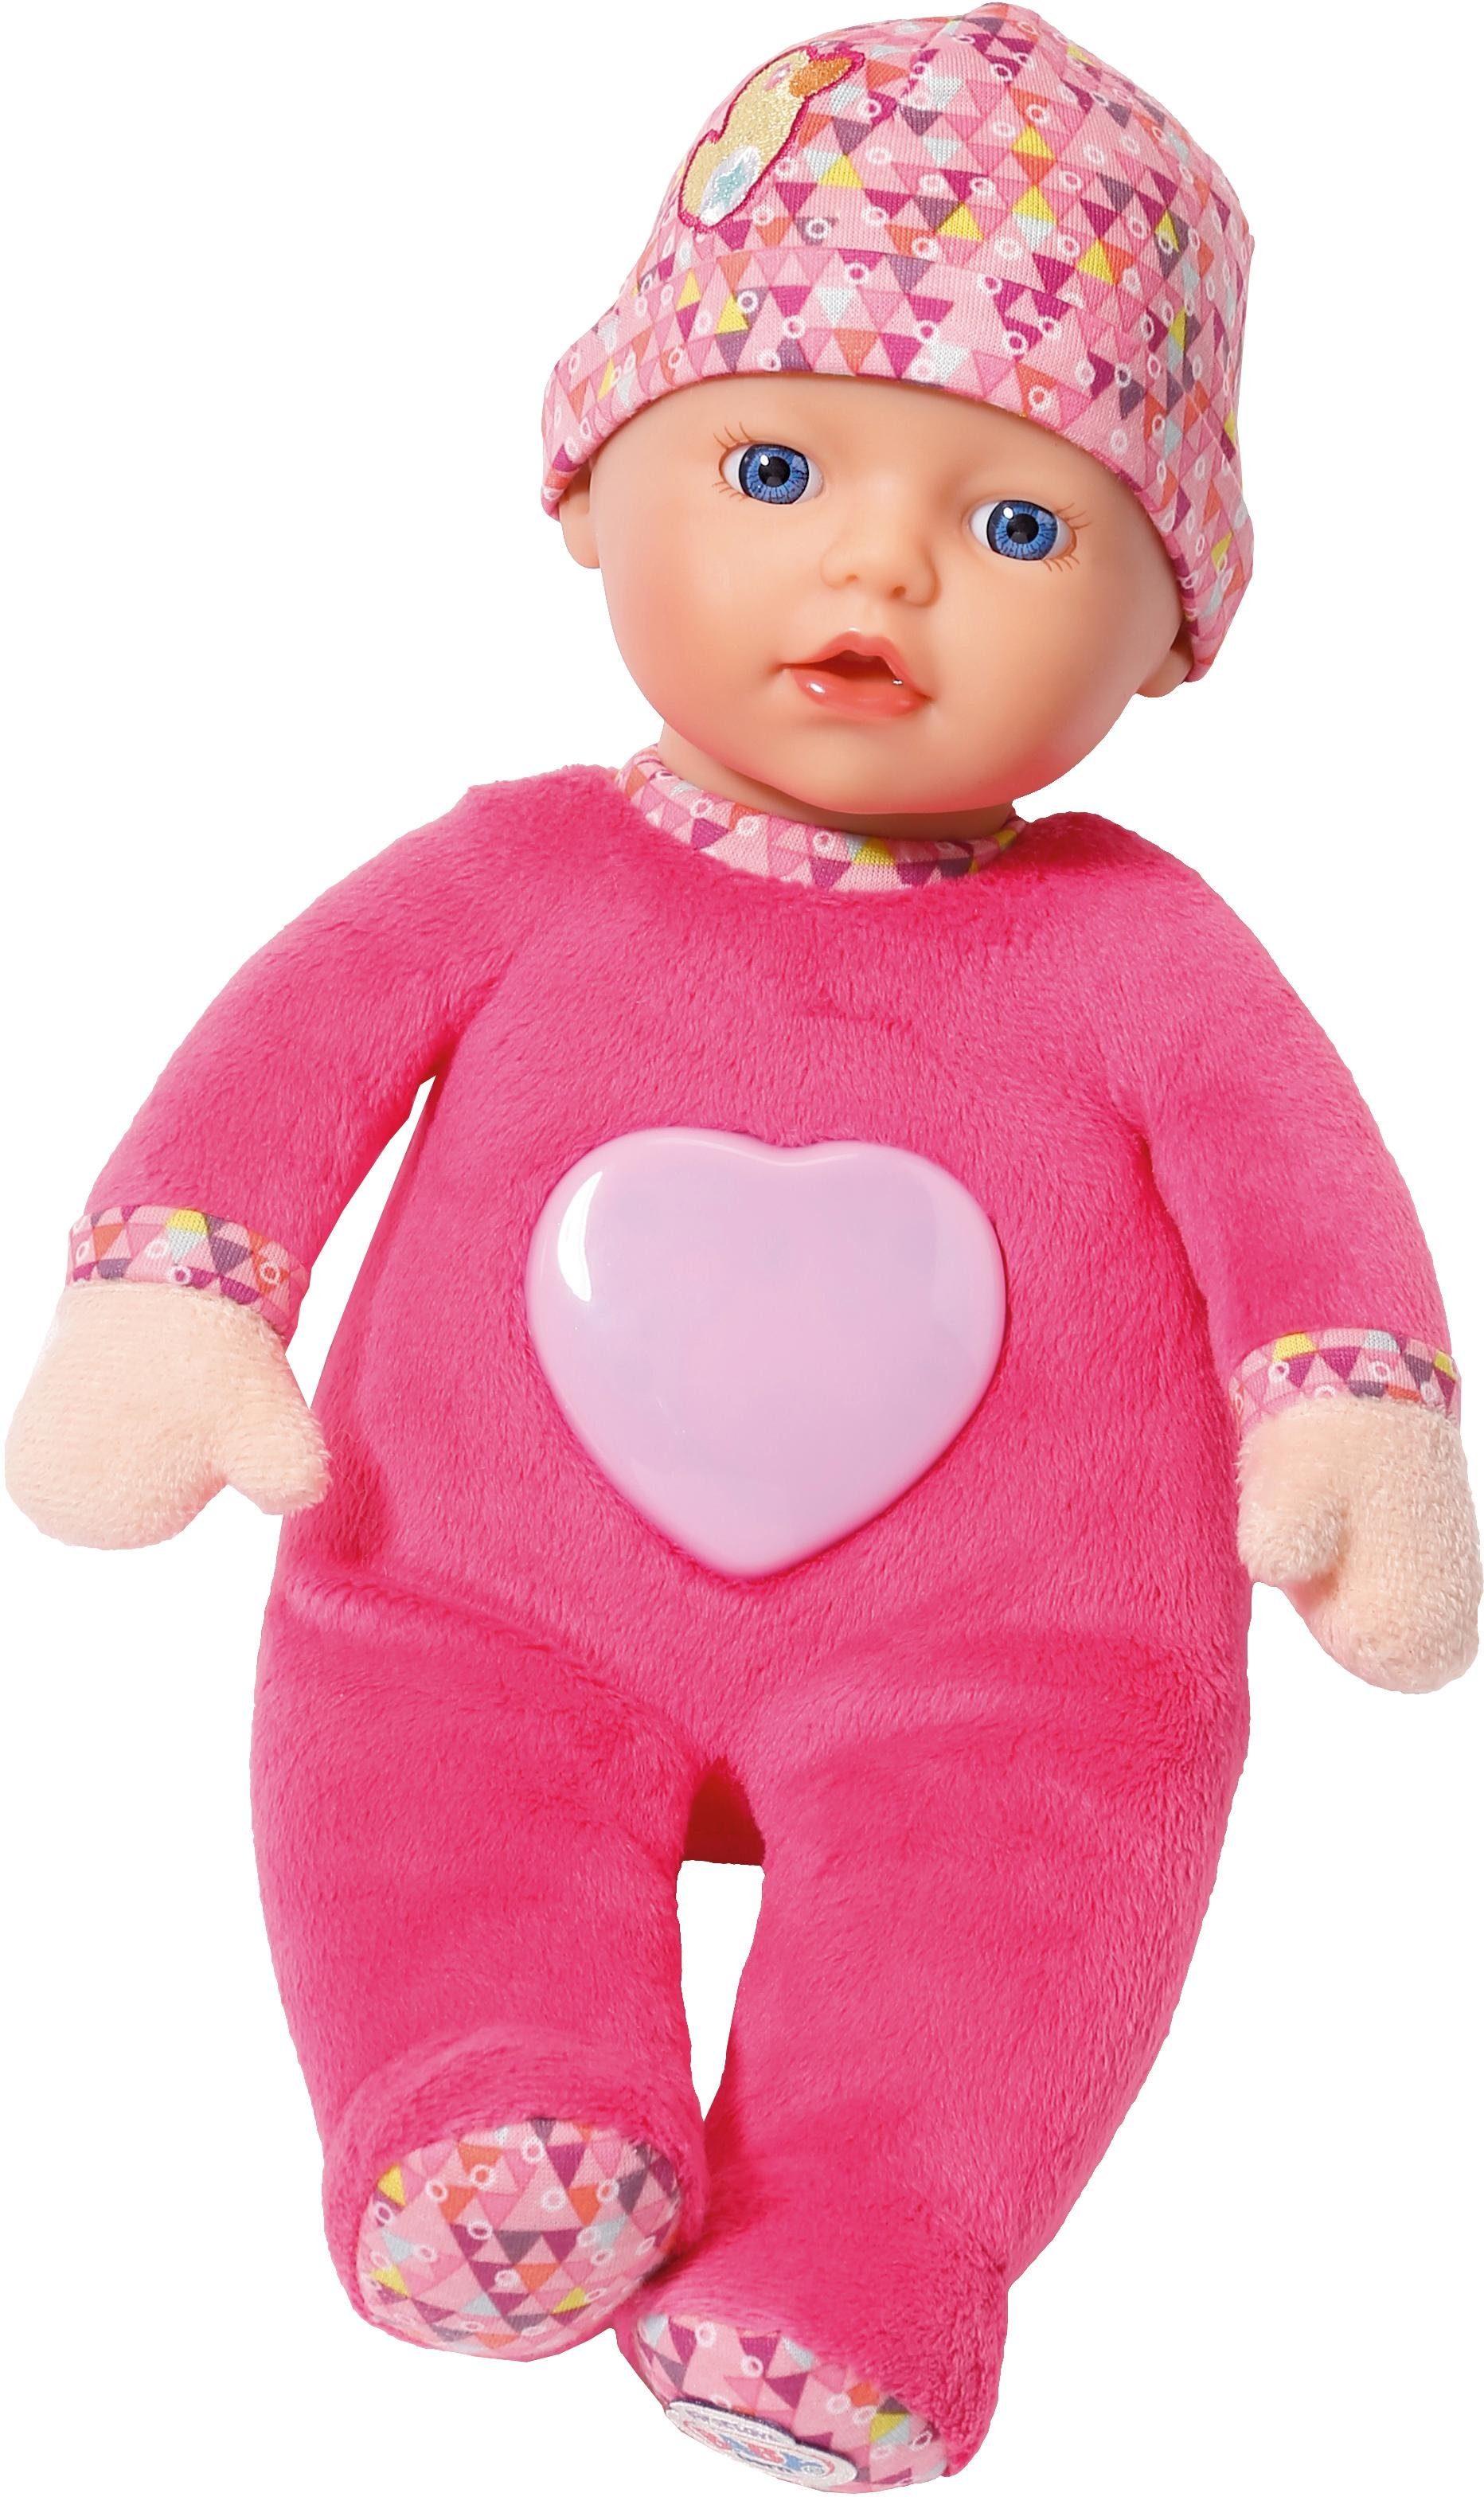 Zapf Creation Stoffkörperpuppe, »BABY born® for babies Nightfriends«